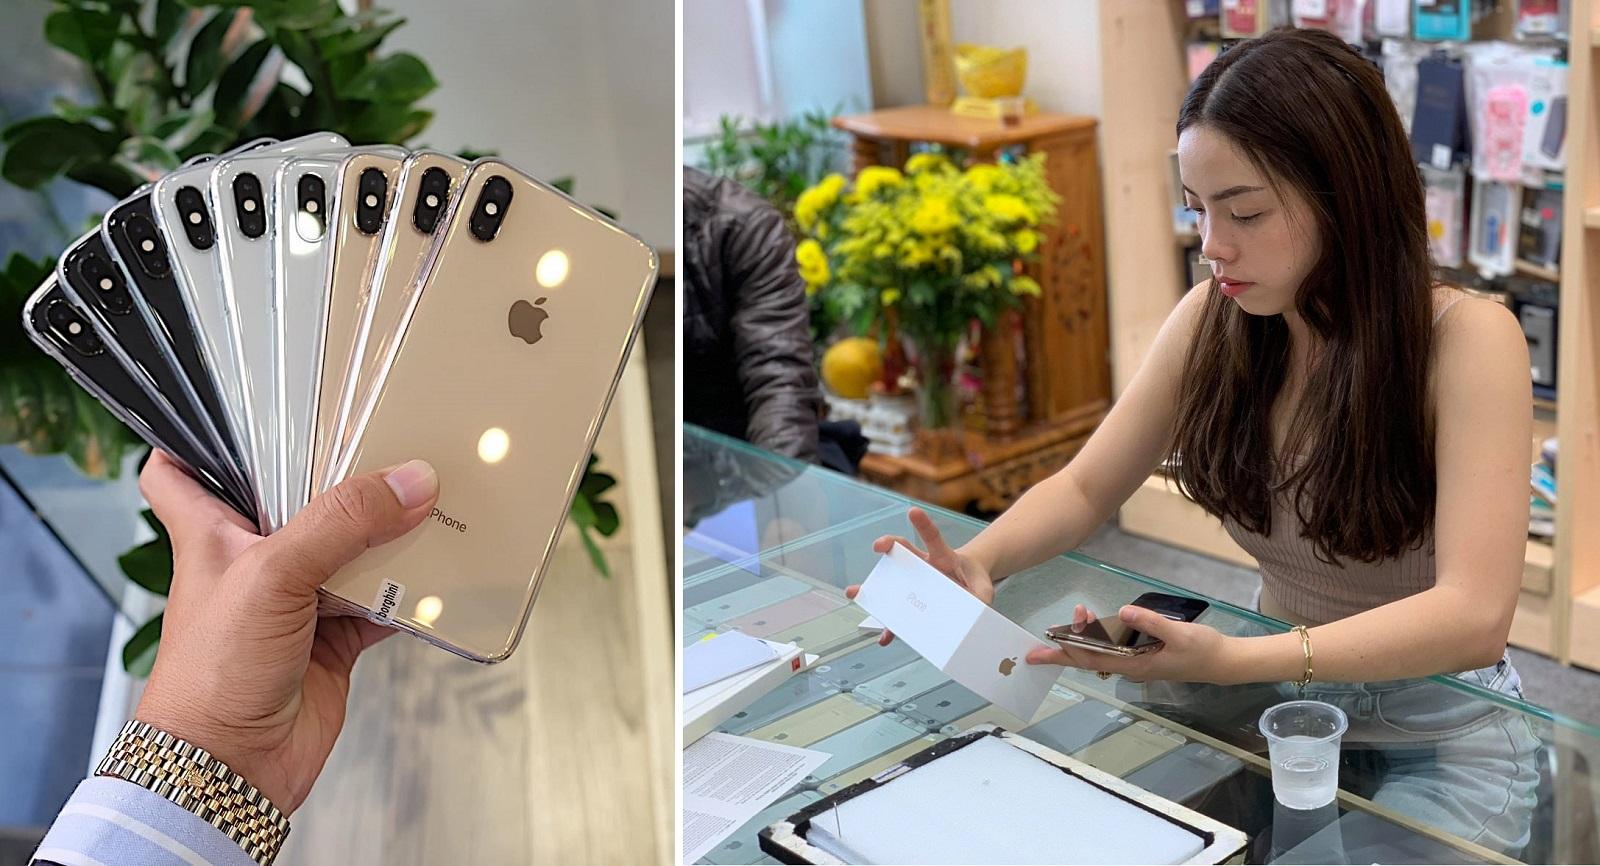 Địa chỉ mua iPhone giá rẻ nhất Gia Lai trong suốt hơn 10 năm qua